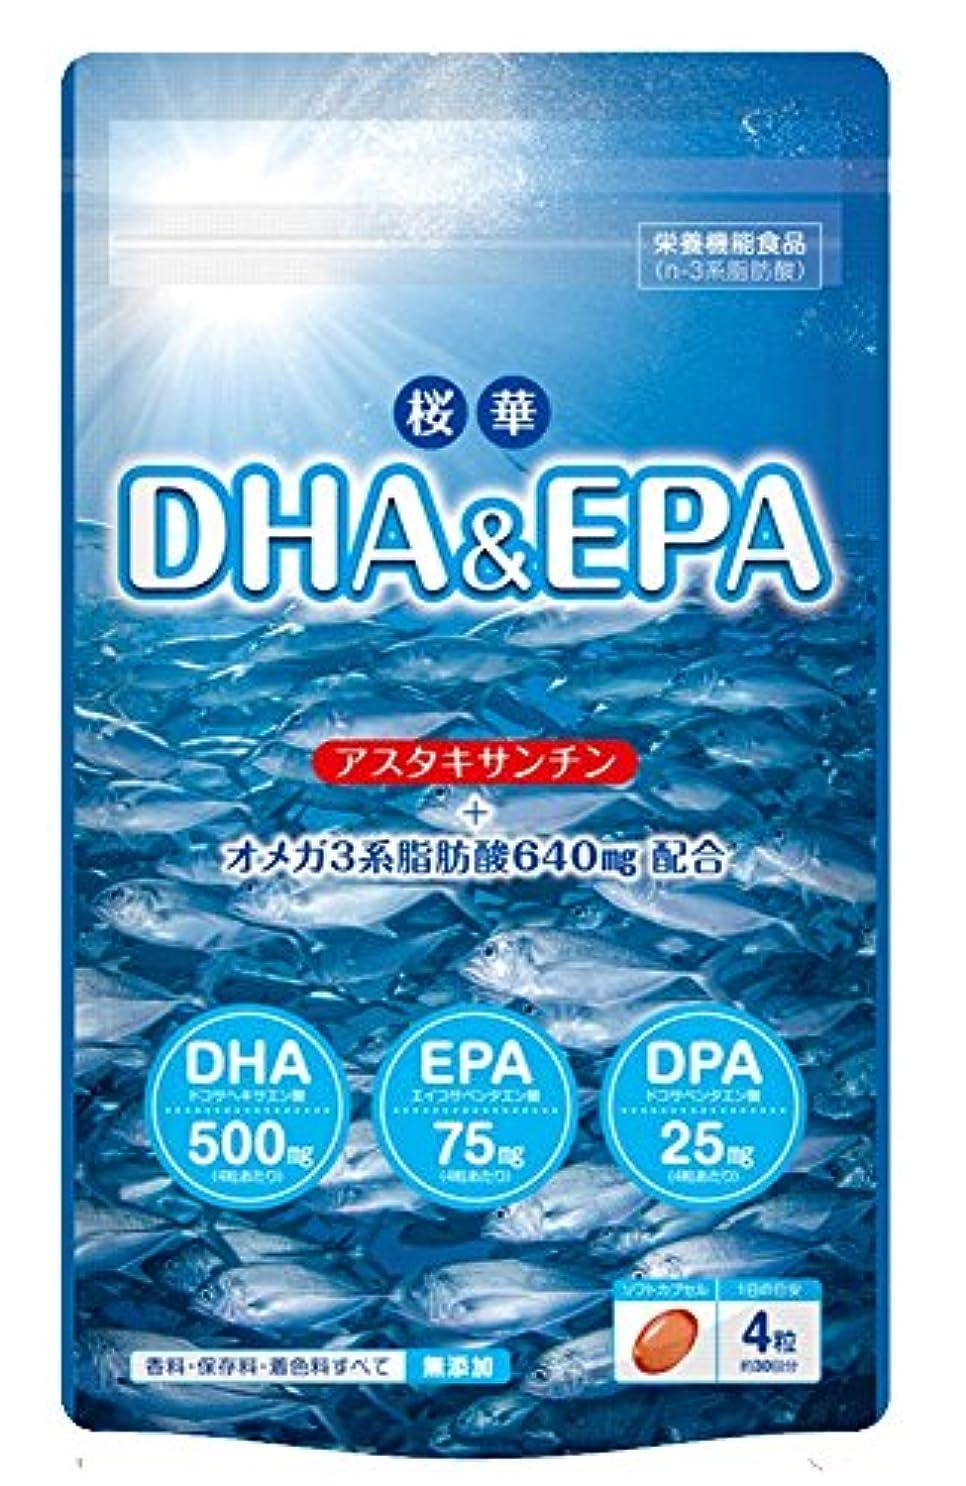 きょうだいそれる格納DHA&EPA(栄養機能食品)オメガ3系脂肪酸640mg配合+アスタキサンチン 香料?保存料?着色料すべて無添加 (120粒入り)送料無料